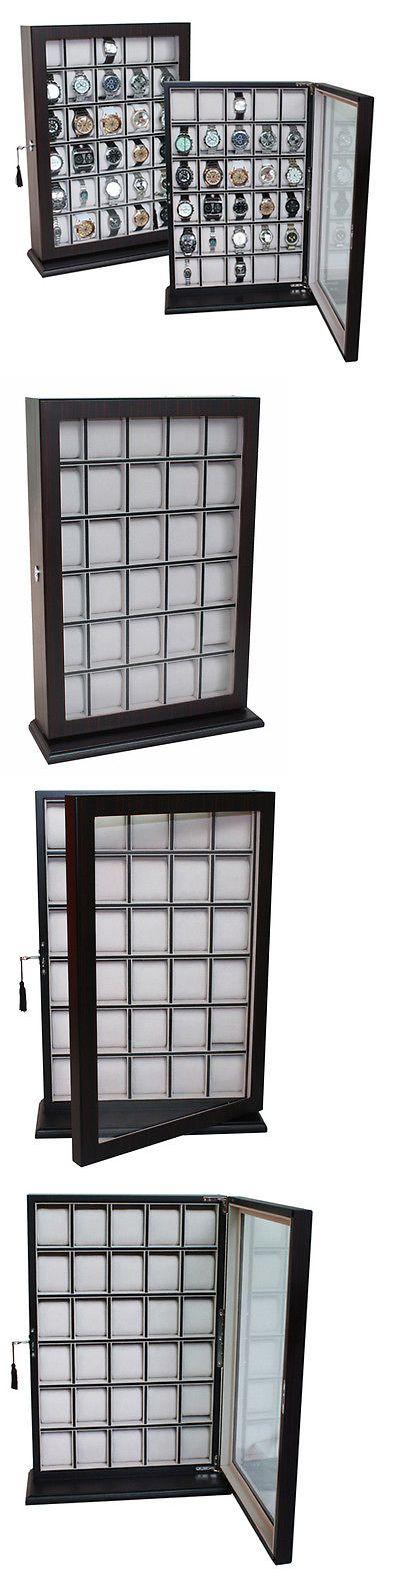 Watch 168164: 30 Watch Ebony Walnut Wood Display Wall Case Stand Storage Organizer Box Hang -> BUY IT NOW ONLY: $159.99 on eBay!